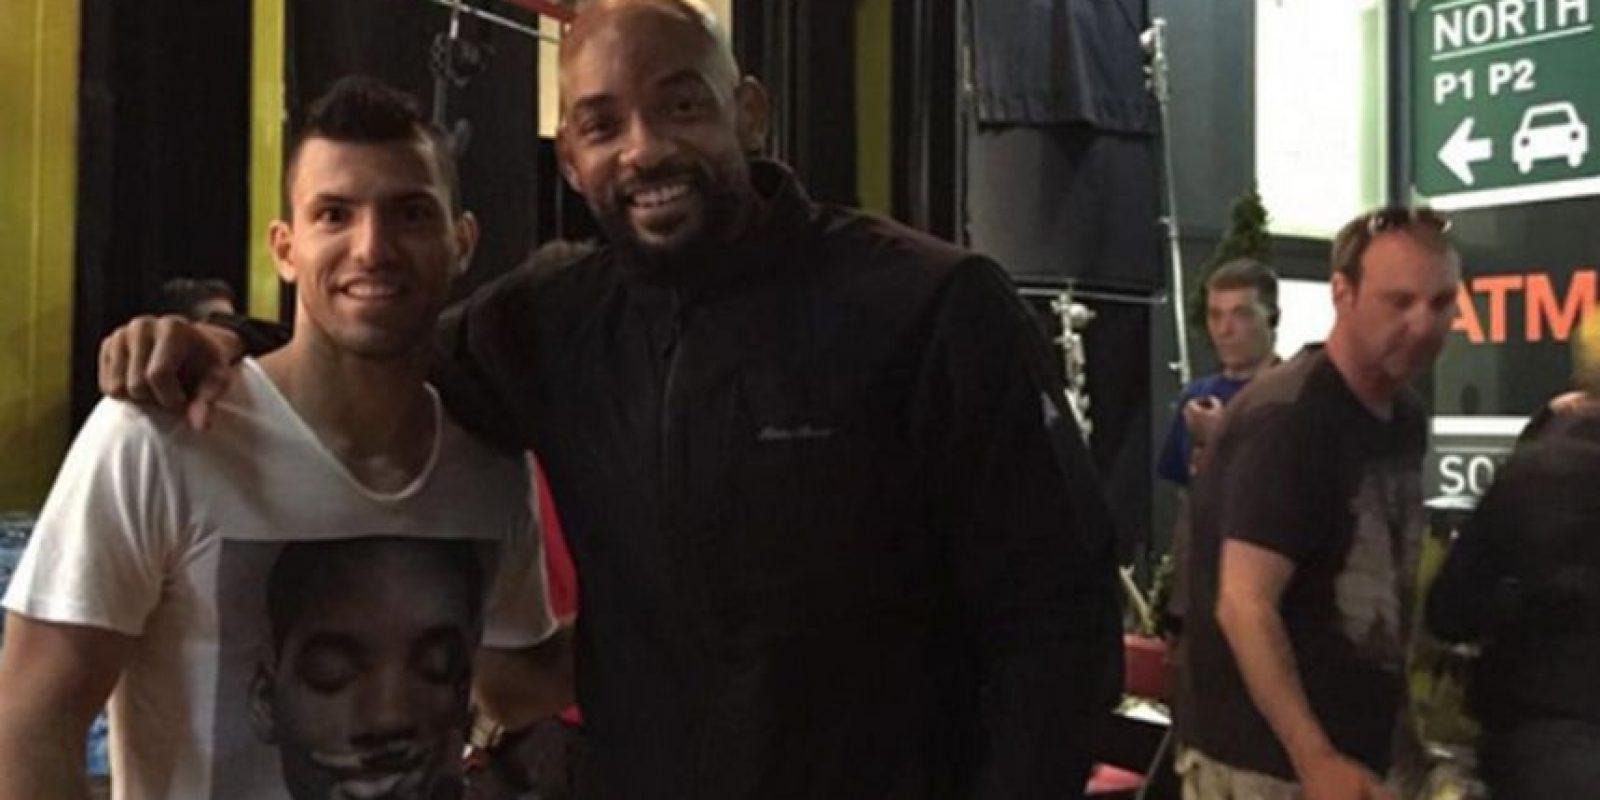 """El """"Kun"""" Agüero se tomó una foto con el actor Will Smith Foto:Via twitter.com/aguerosergiokun"""